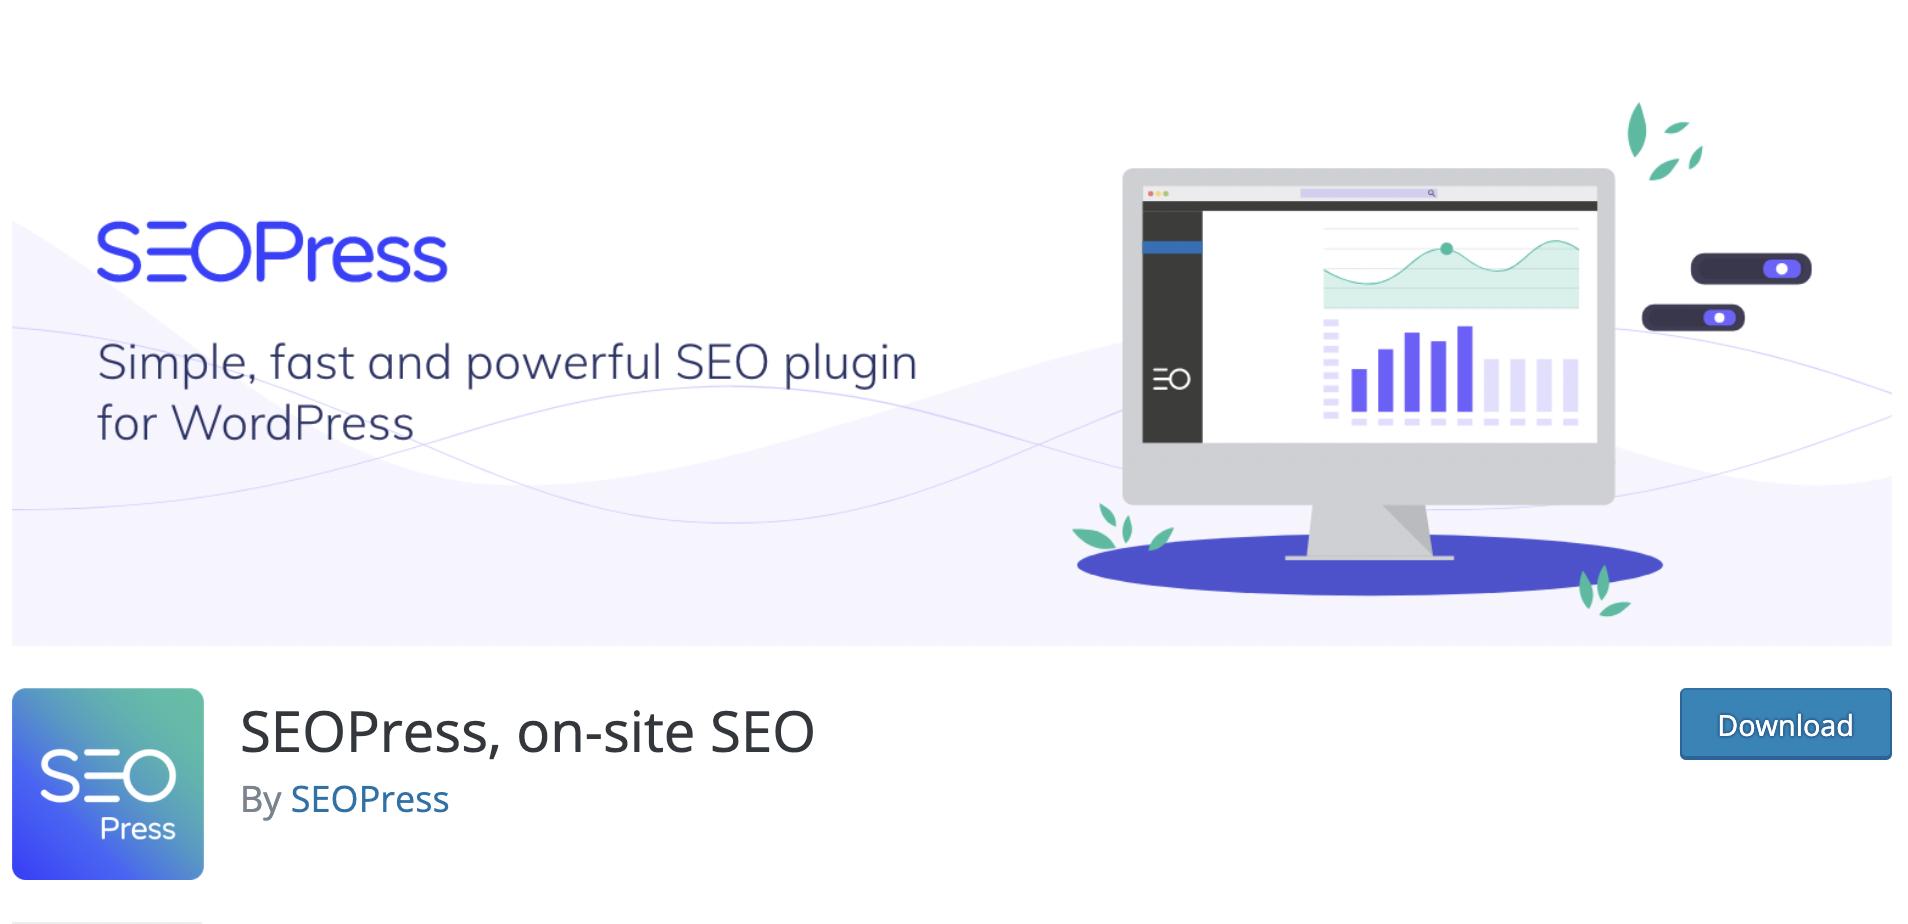 SEOPress on-site SEO - WordPress free plugin